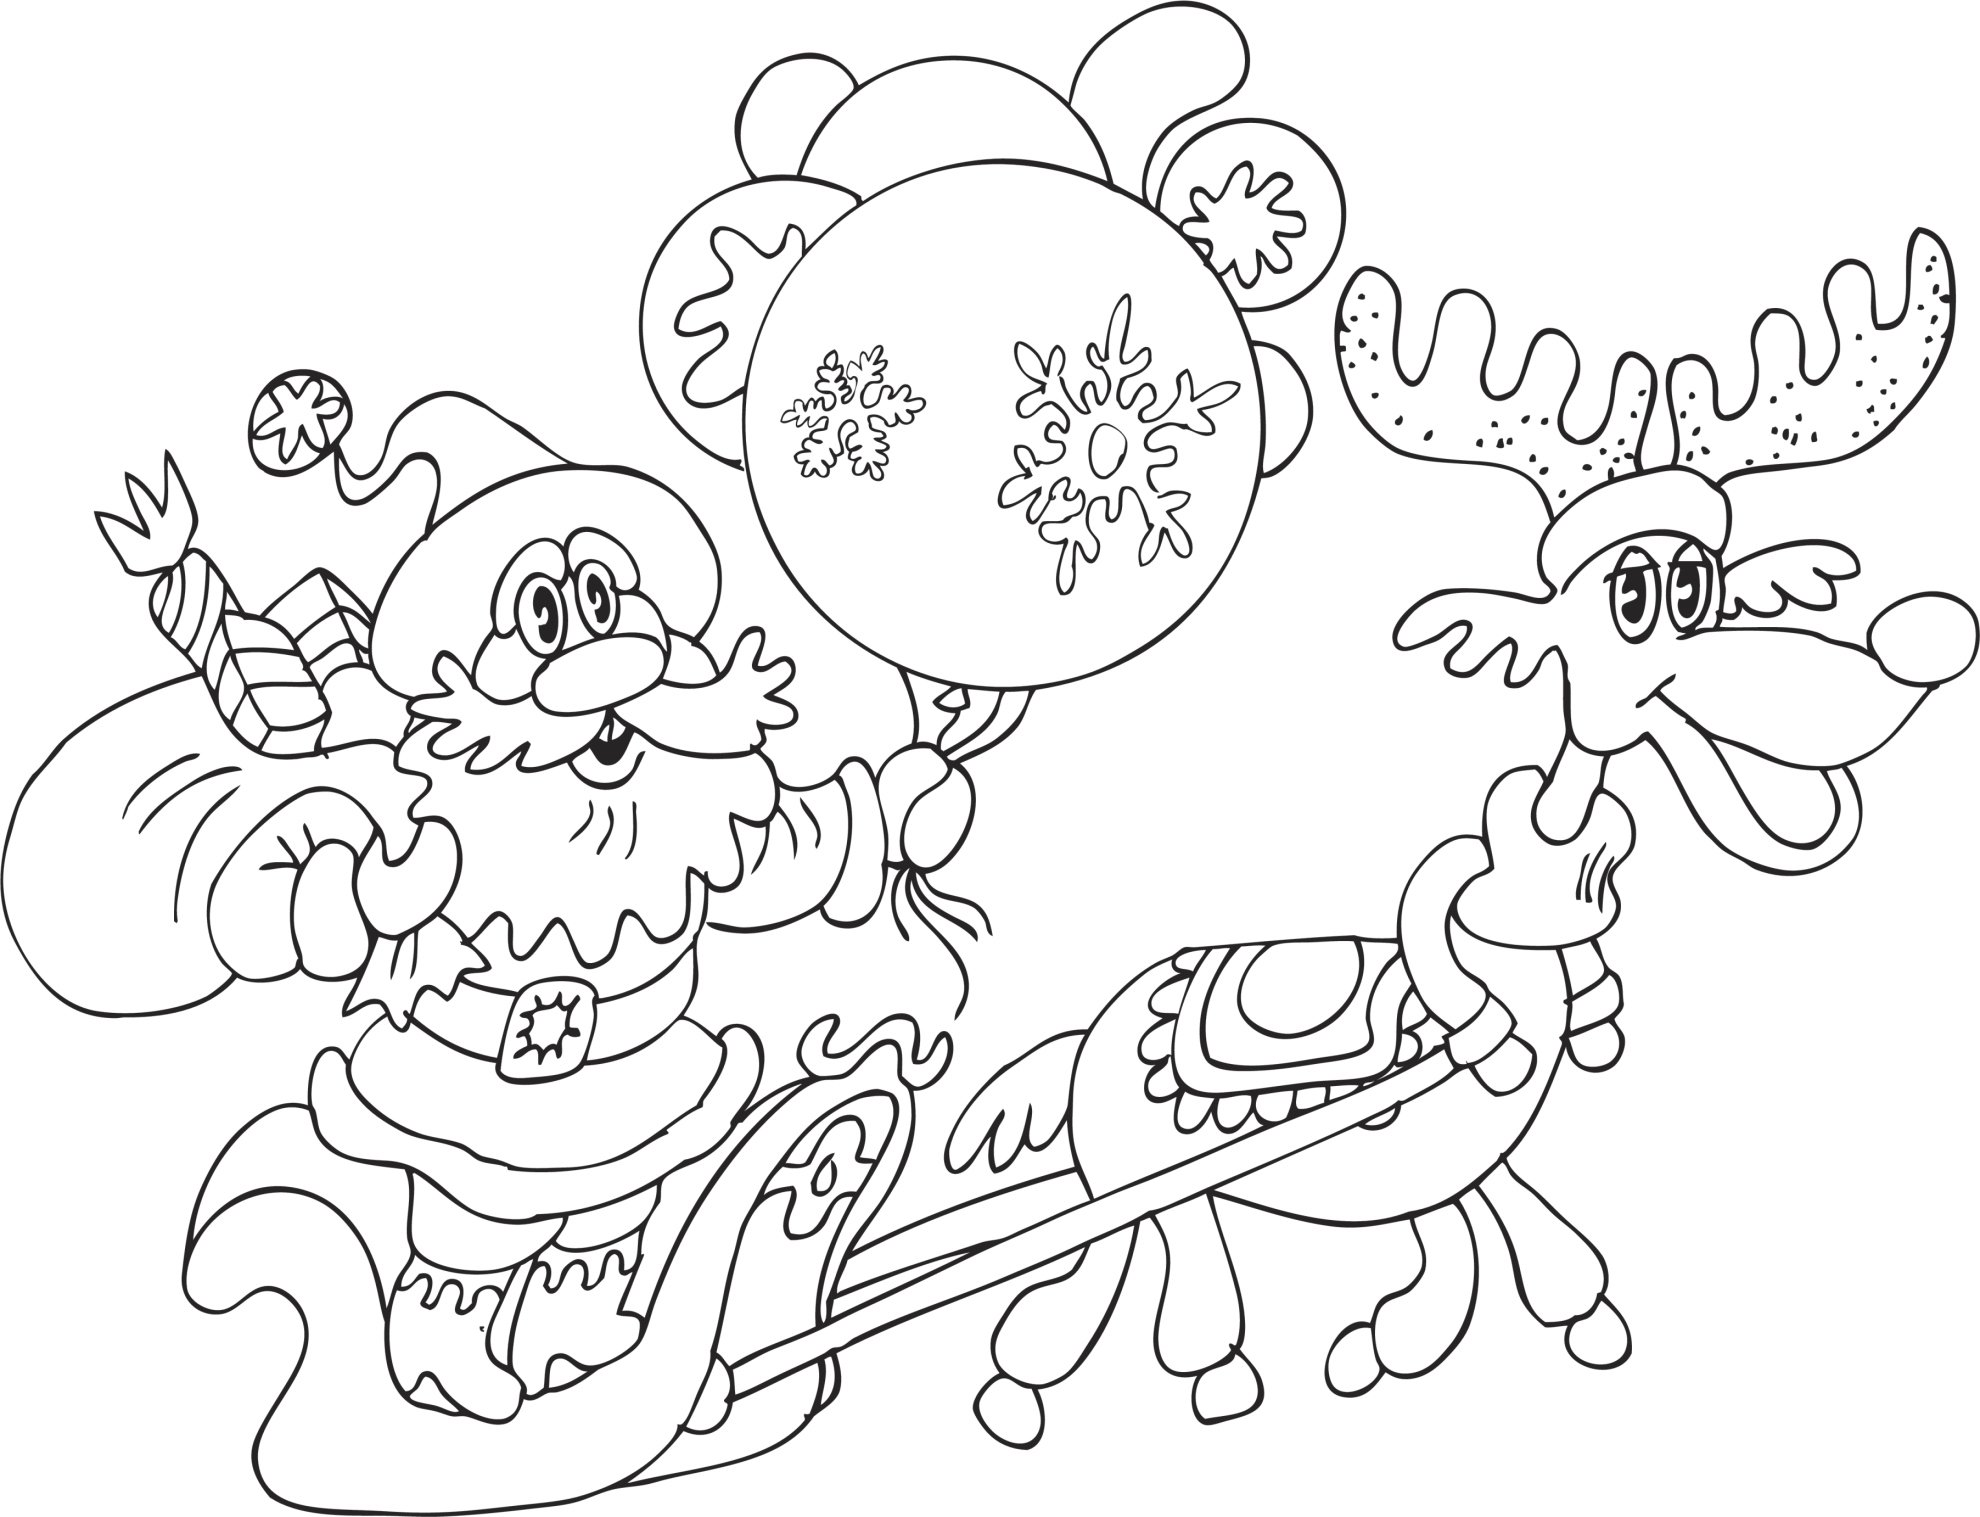 dibujos de navidad para colorear im genes navidad para On dibujos de navidad para recortar